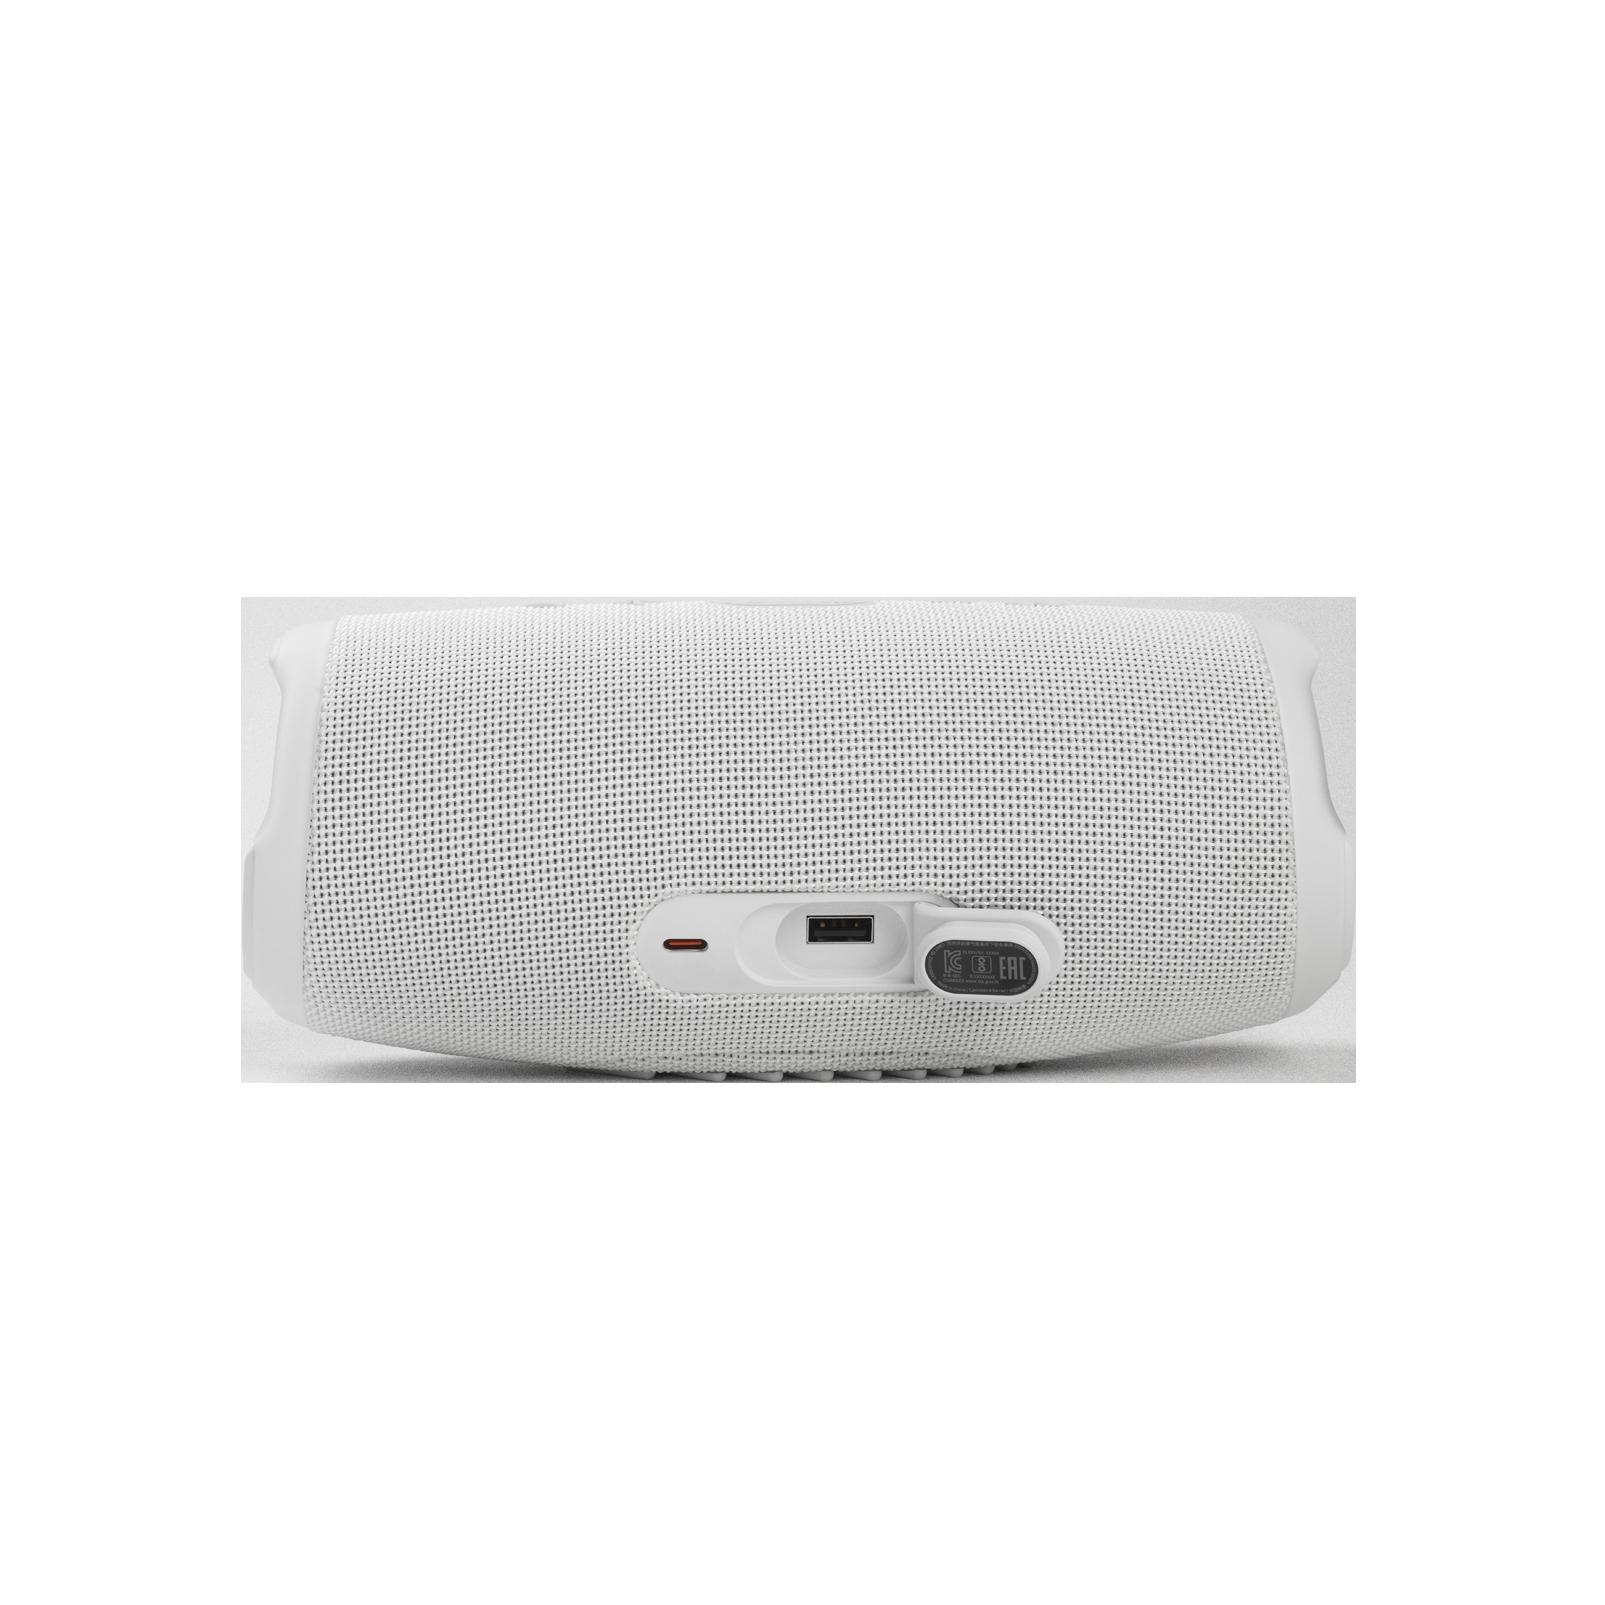 JBL Charge 5 - White - Portable Waterproof Speaker with Powerbank - Detailshot 1